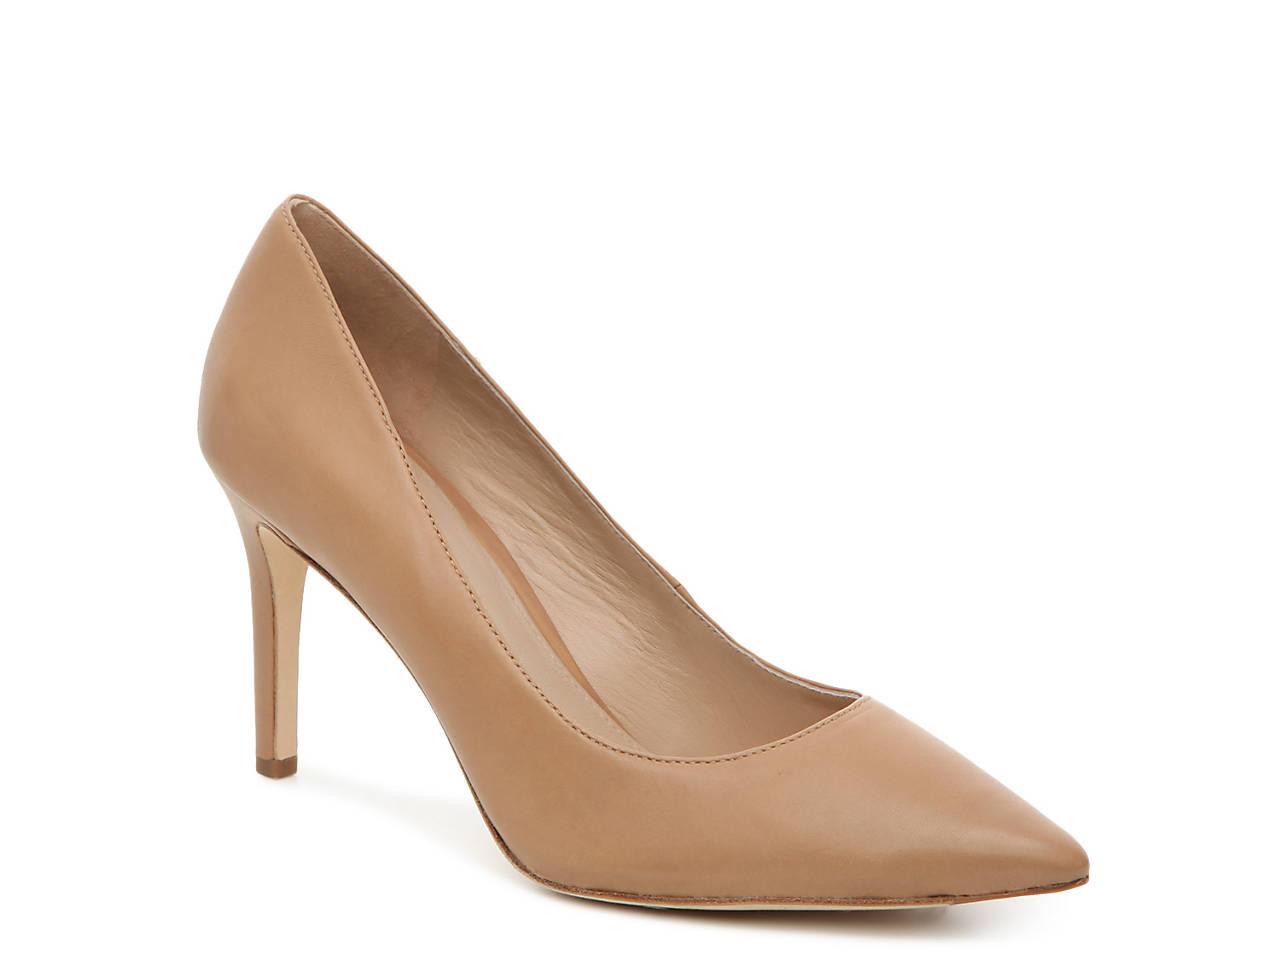 327fd73565e4 Via Spiga Carola Leather Pump Women s Shoes